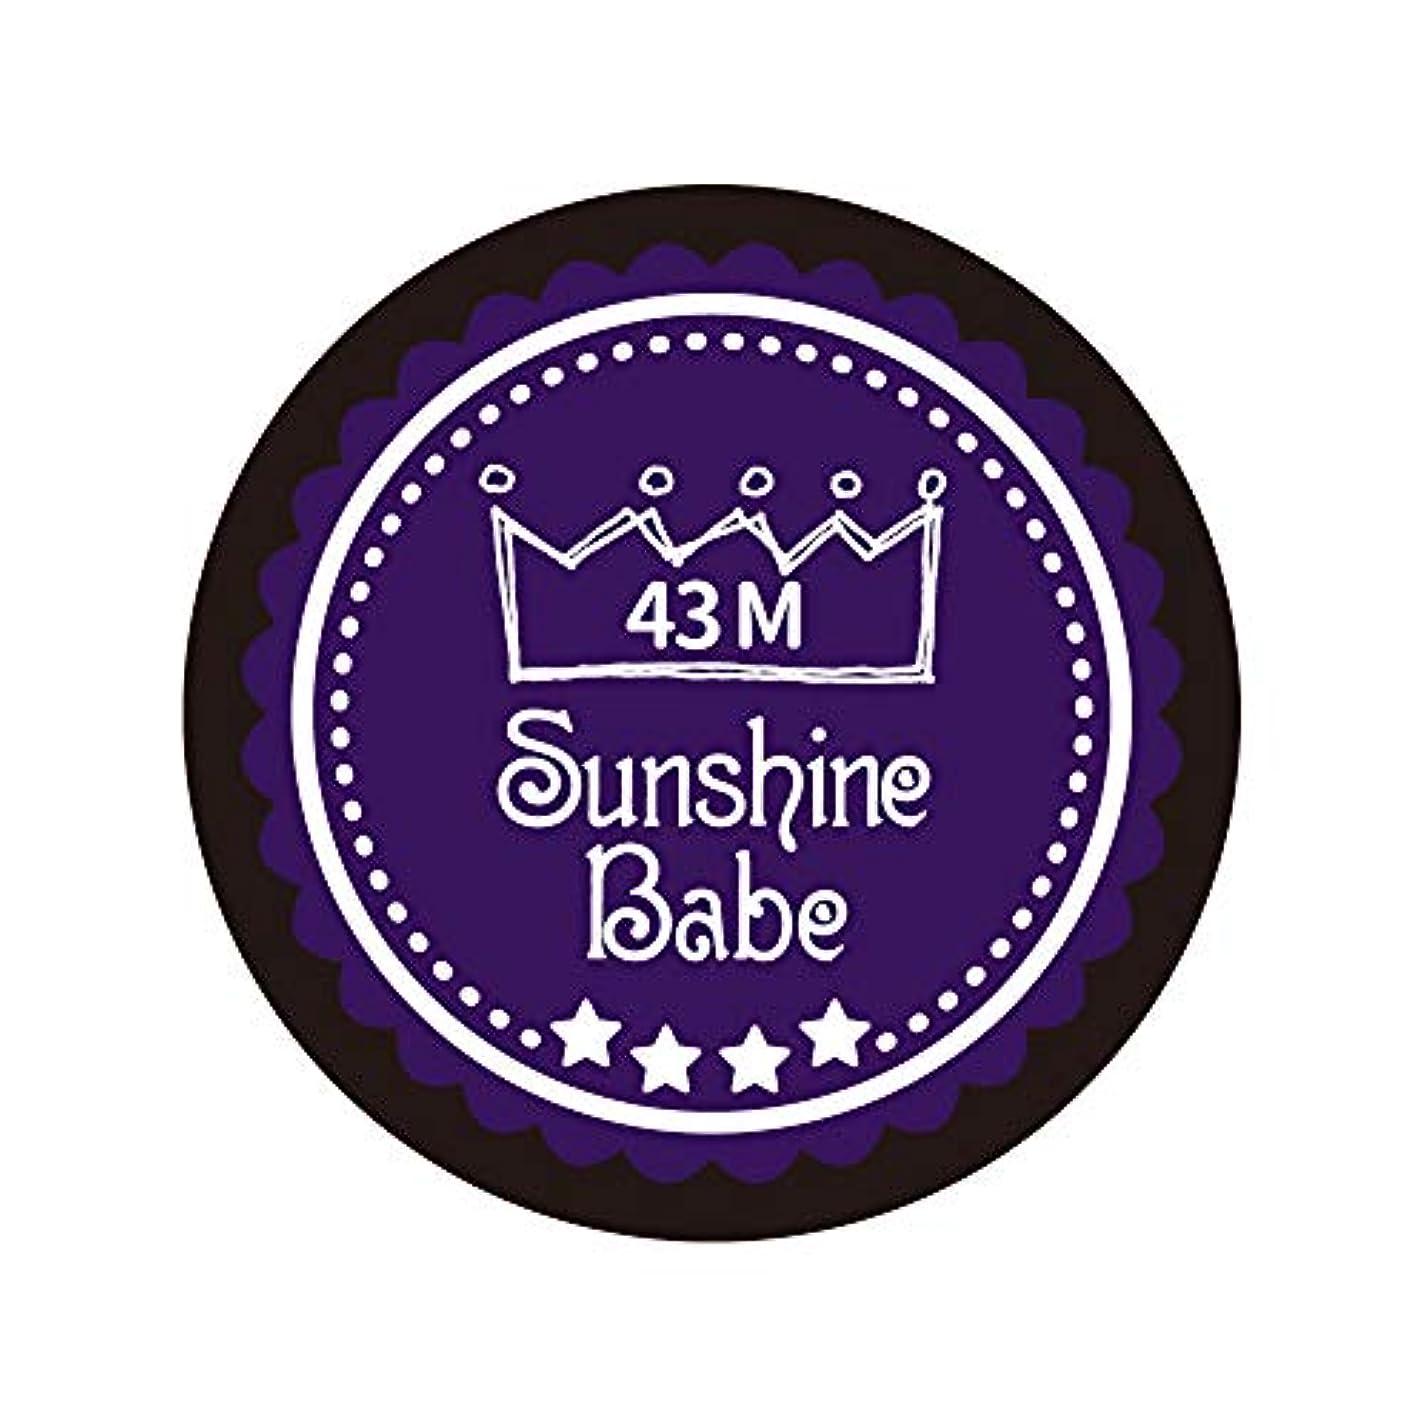 ダウンタウン潜在的な言い訳Sunshine Babe カラージェル 43M オータムウルトラバイオレット 2.7g UV/LED対応